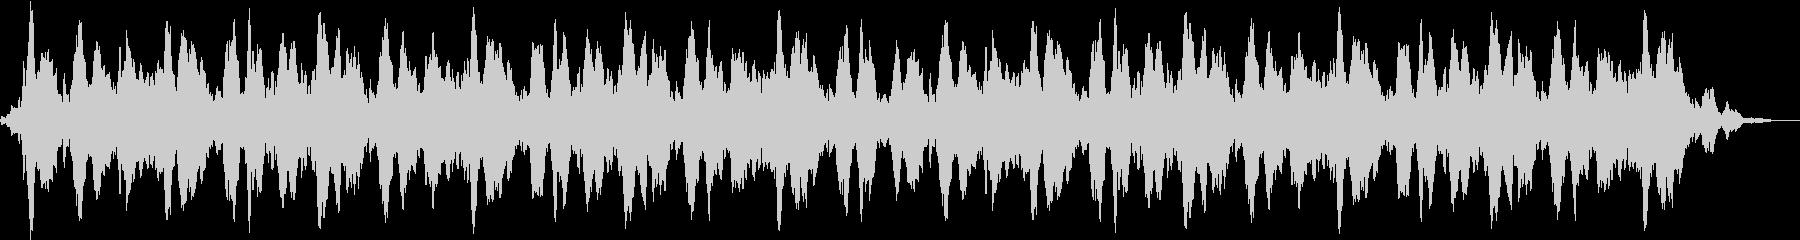 魔法詠唱、 魔法発動、 独白 03の未再生の波形